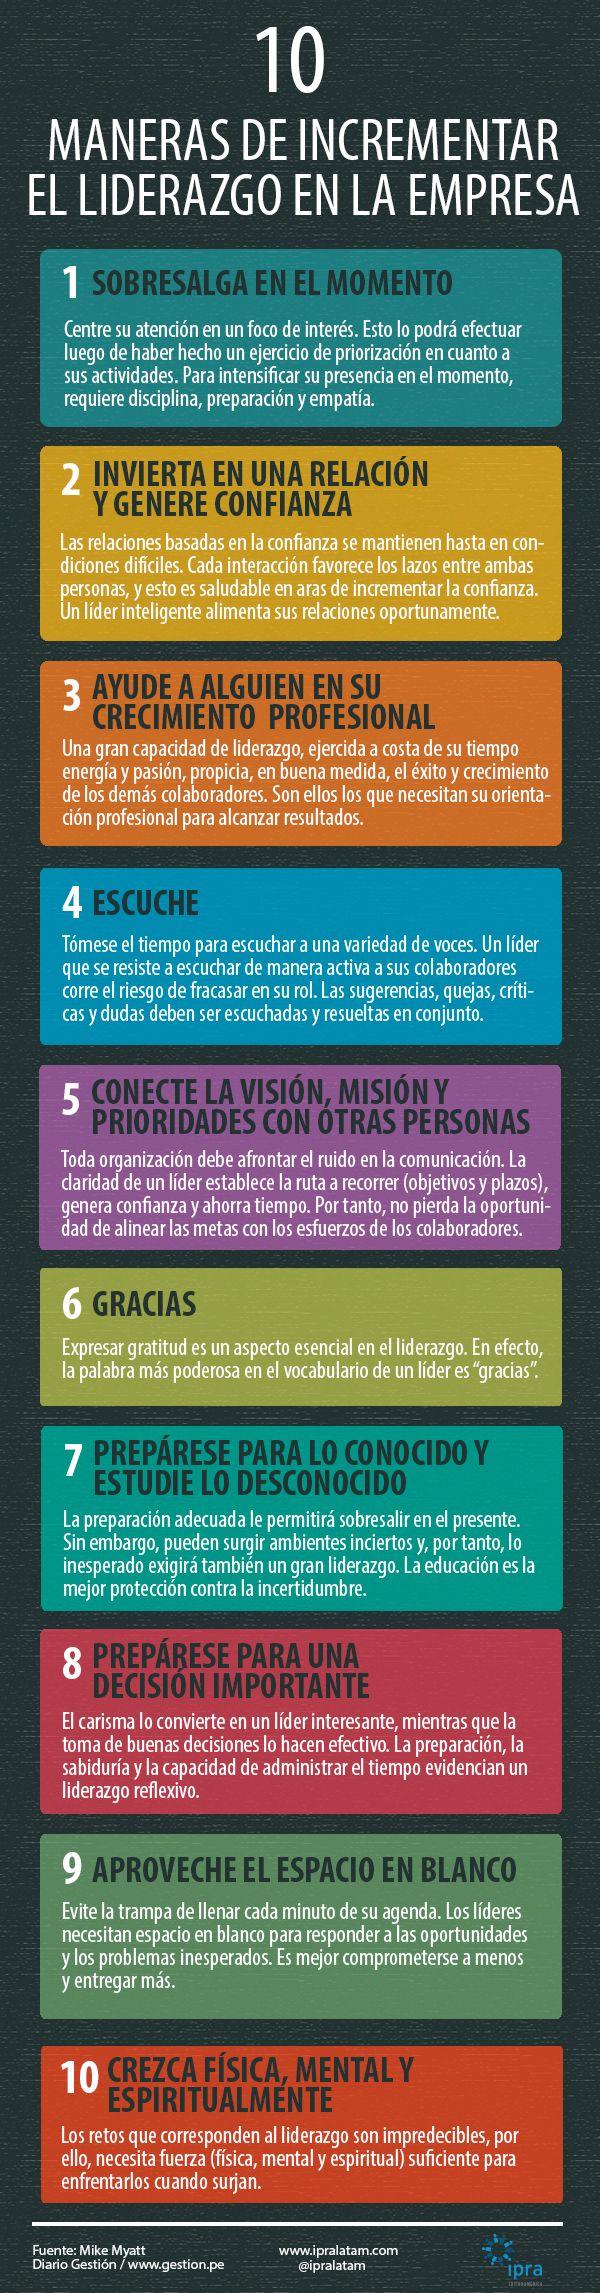 10 maneras de incrementar el liderazgo en la empresa Vía: @IPRA LATINOAMÉRICA #infografia #infographic